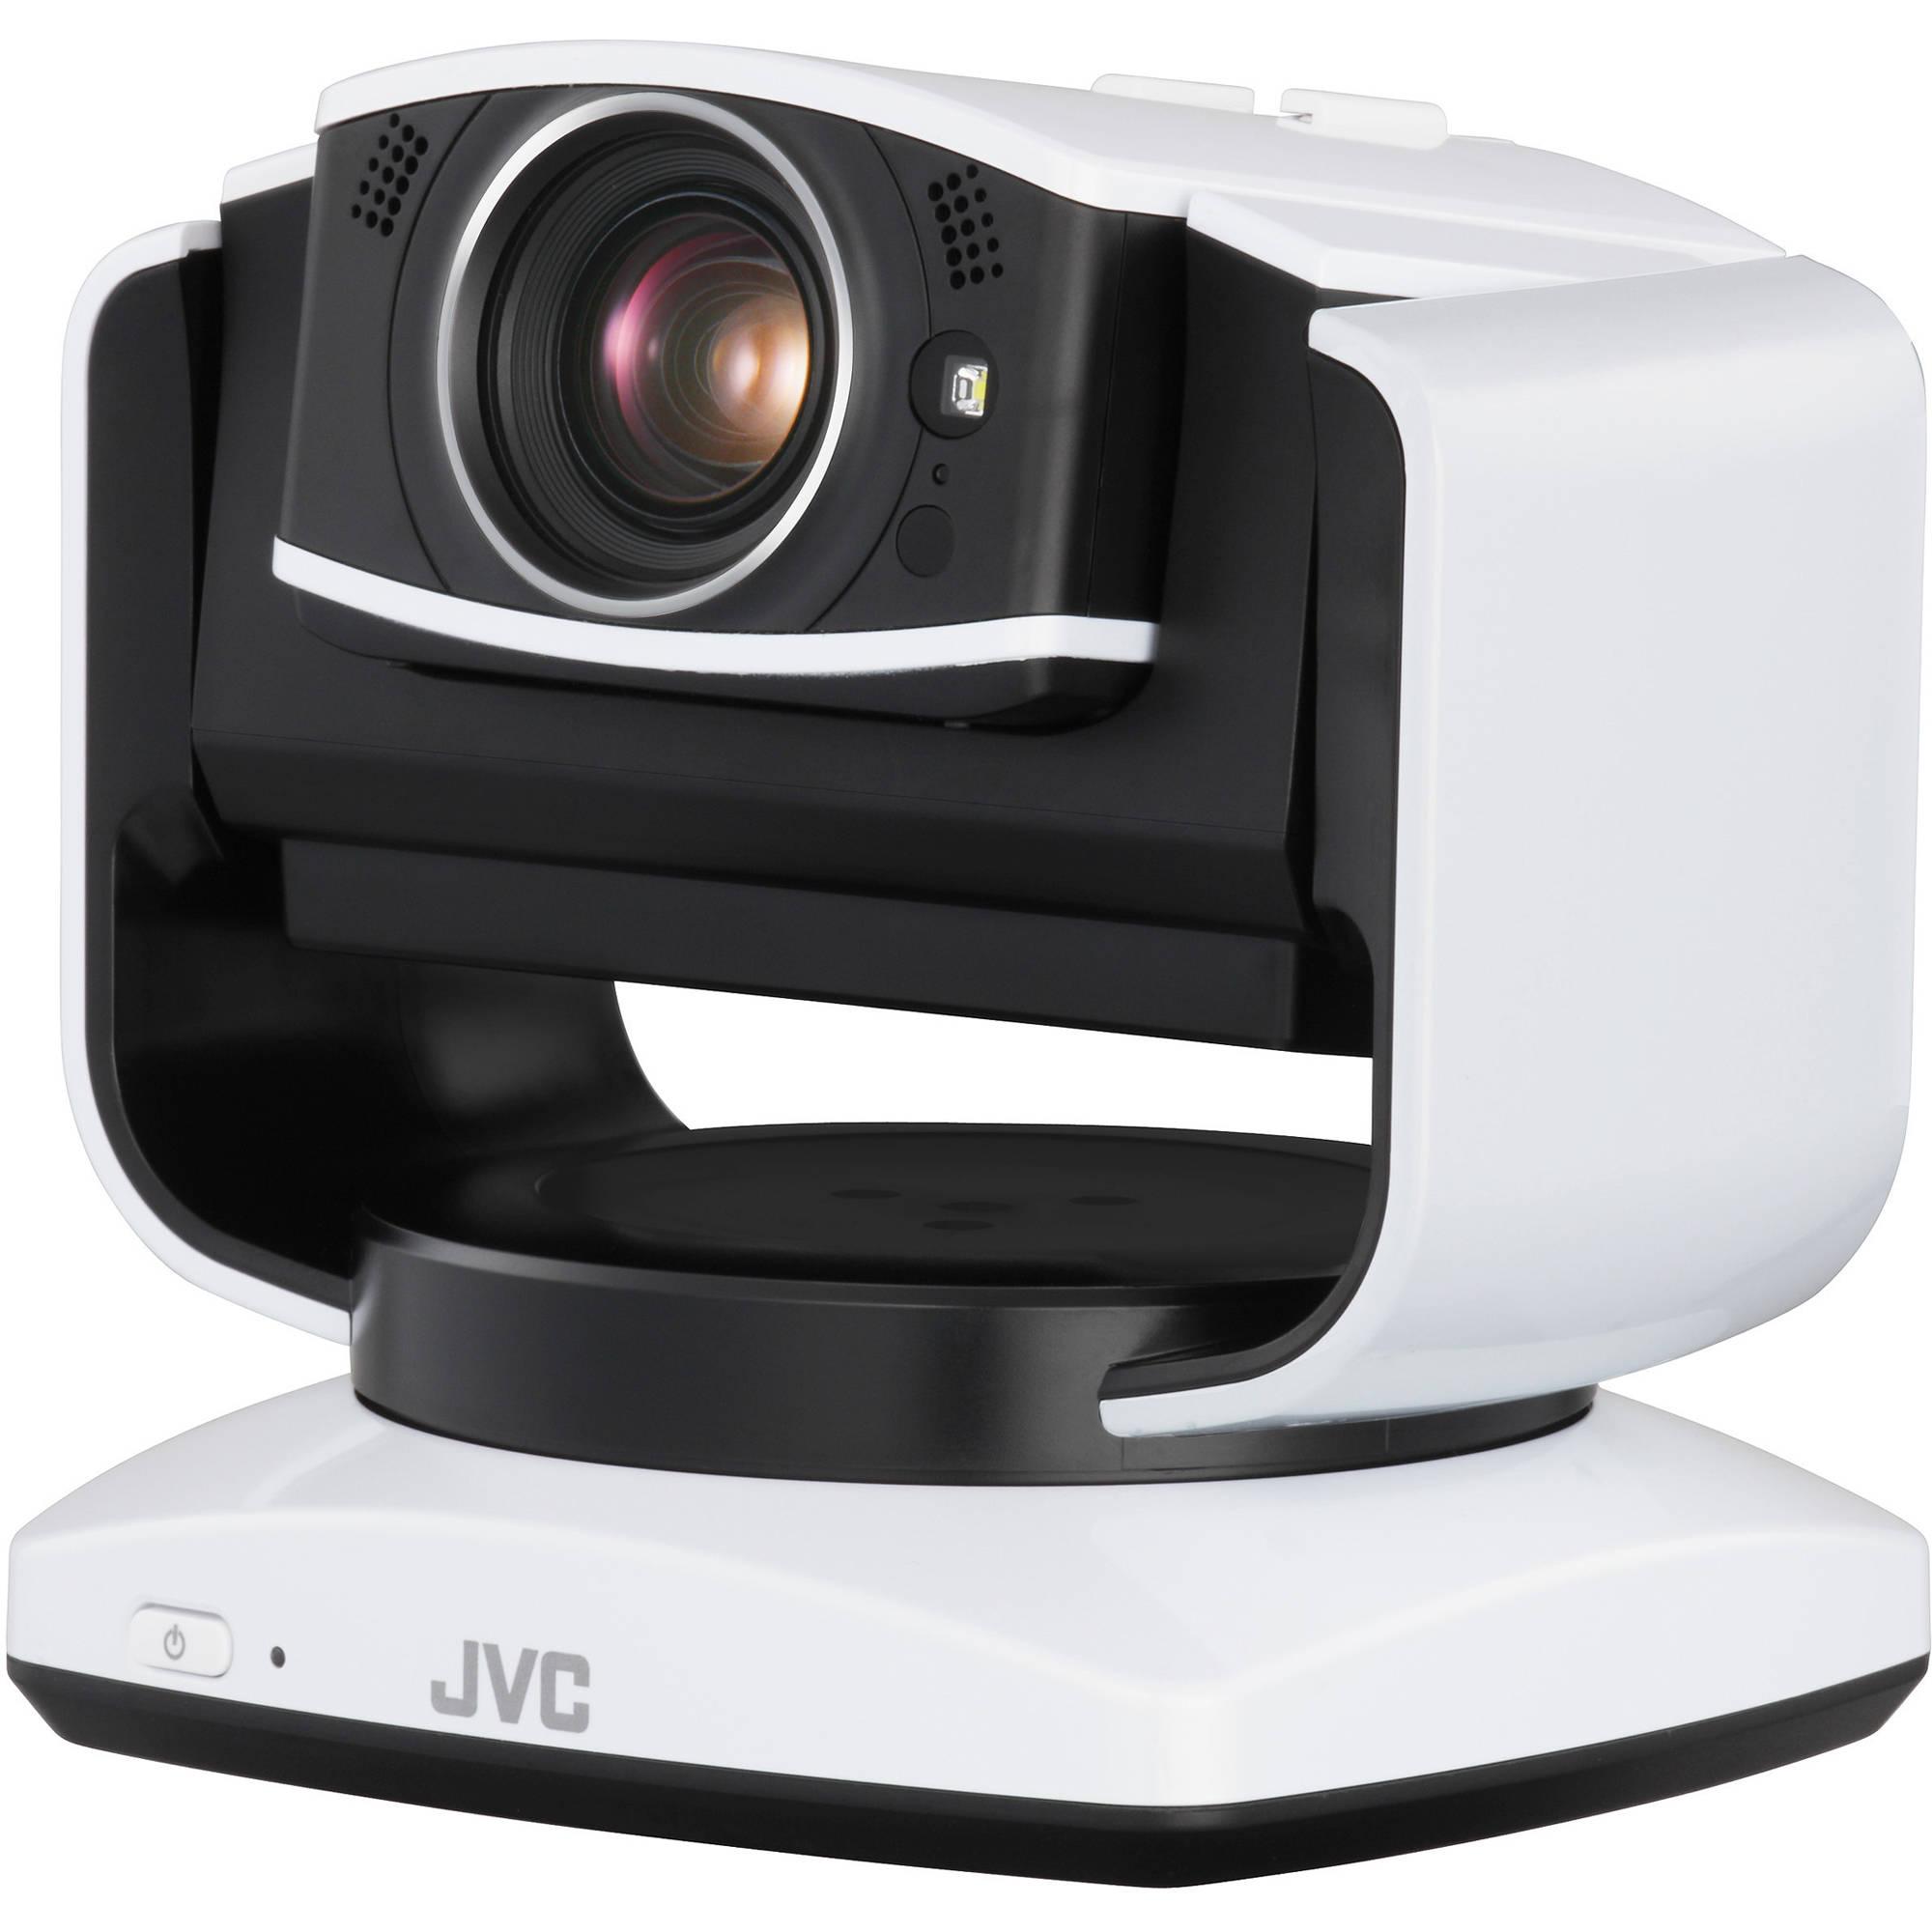 JVC GV-LS2 Live Streaming Camera GV-LS2WUS B&H Photo Video